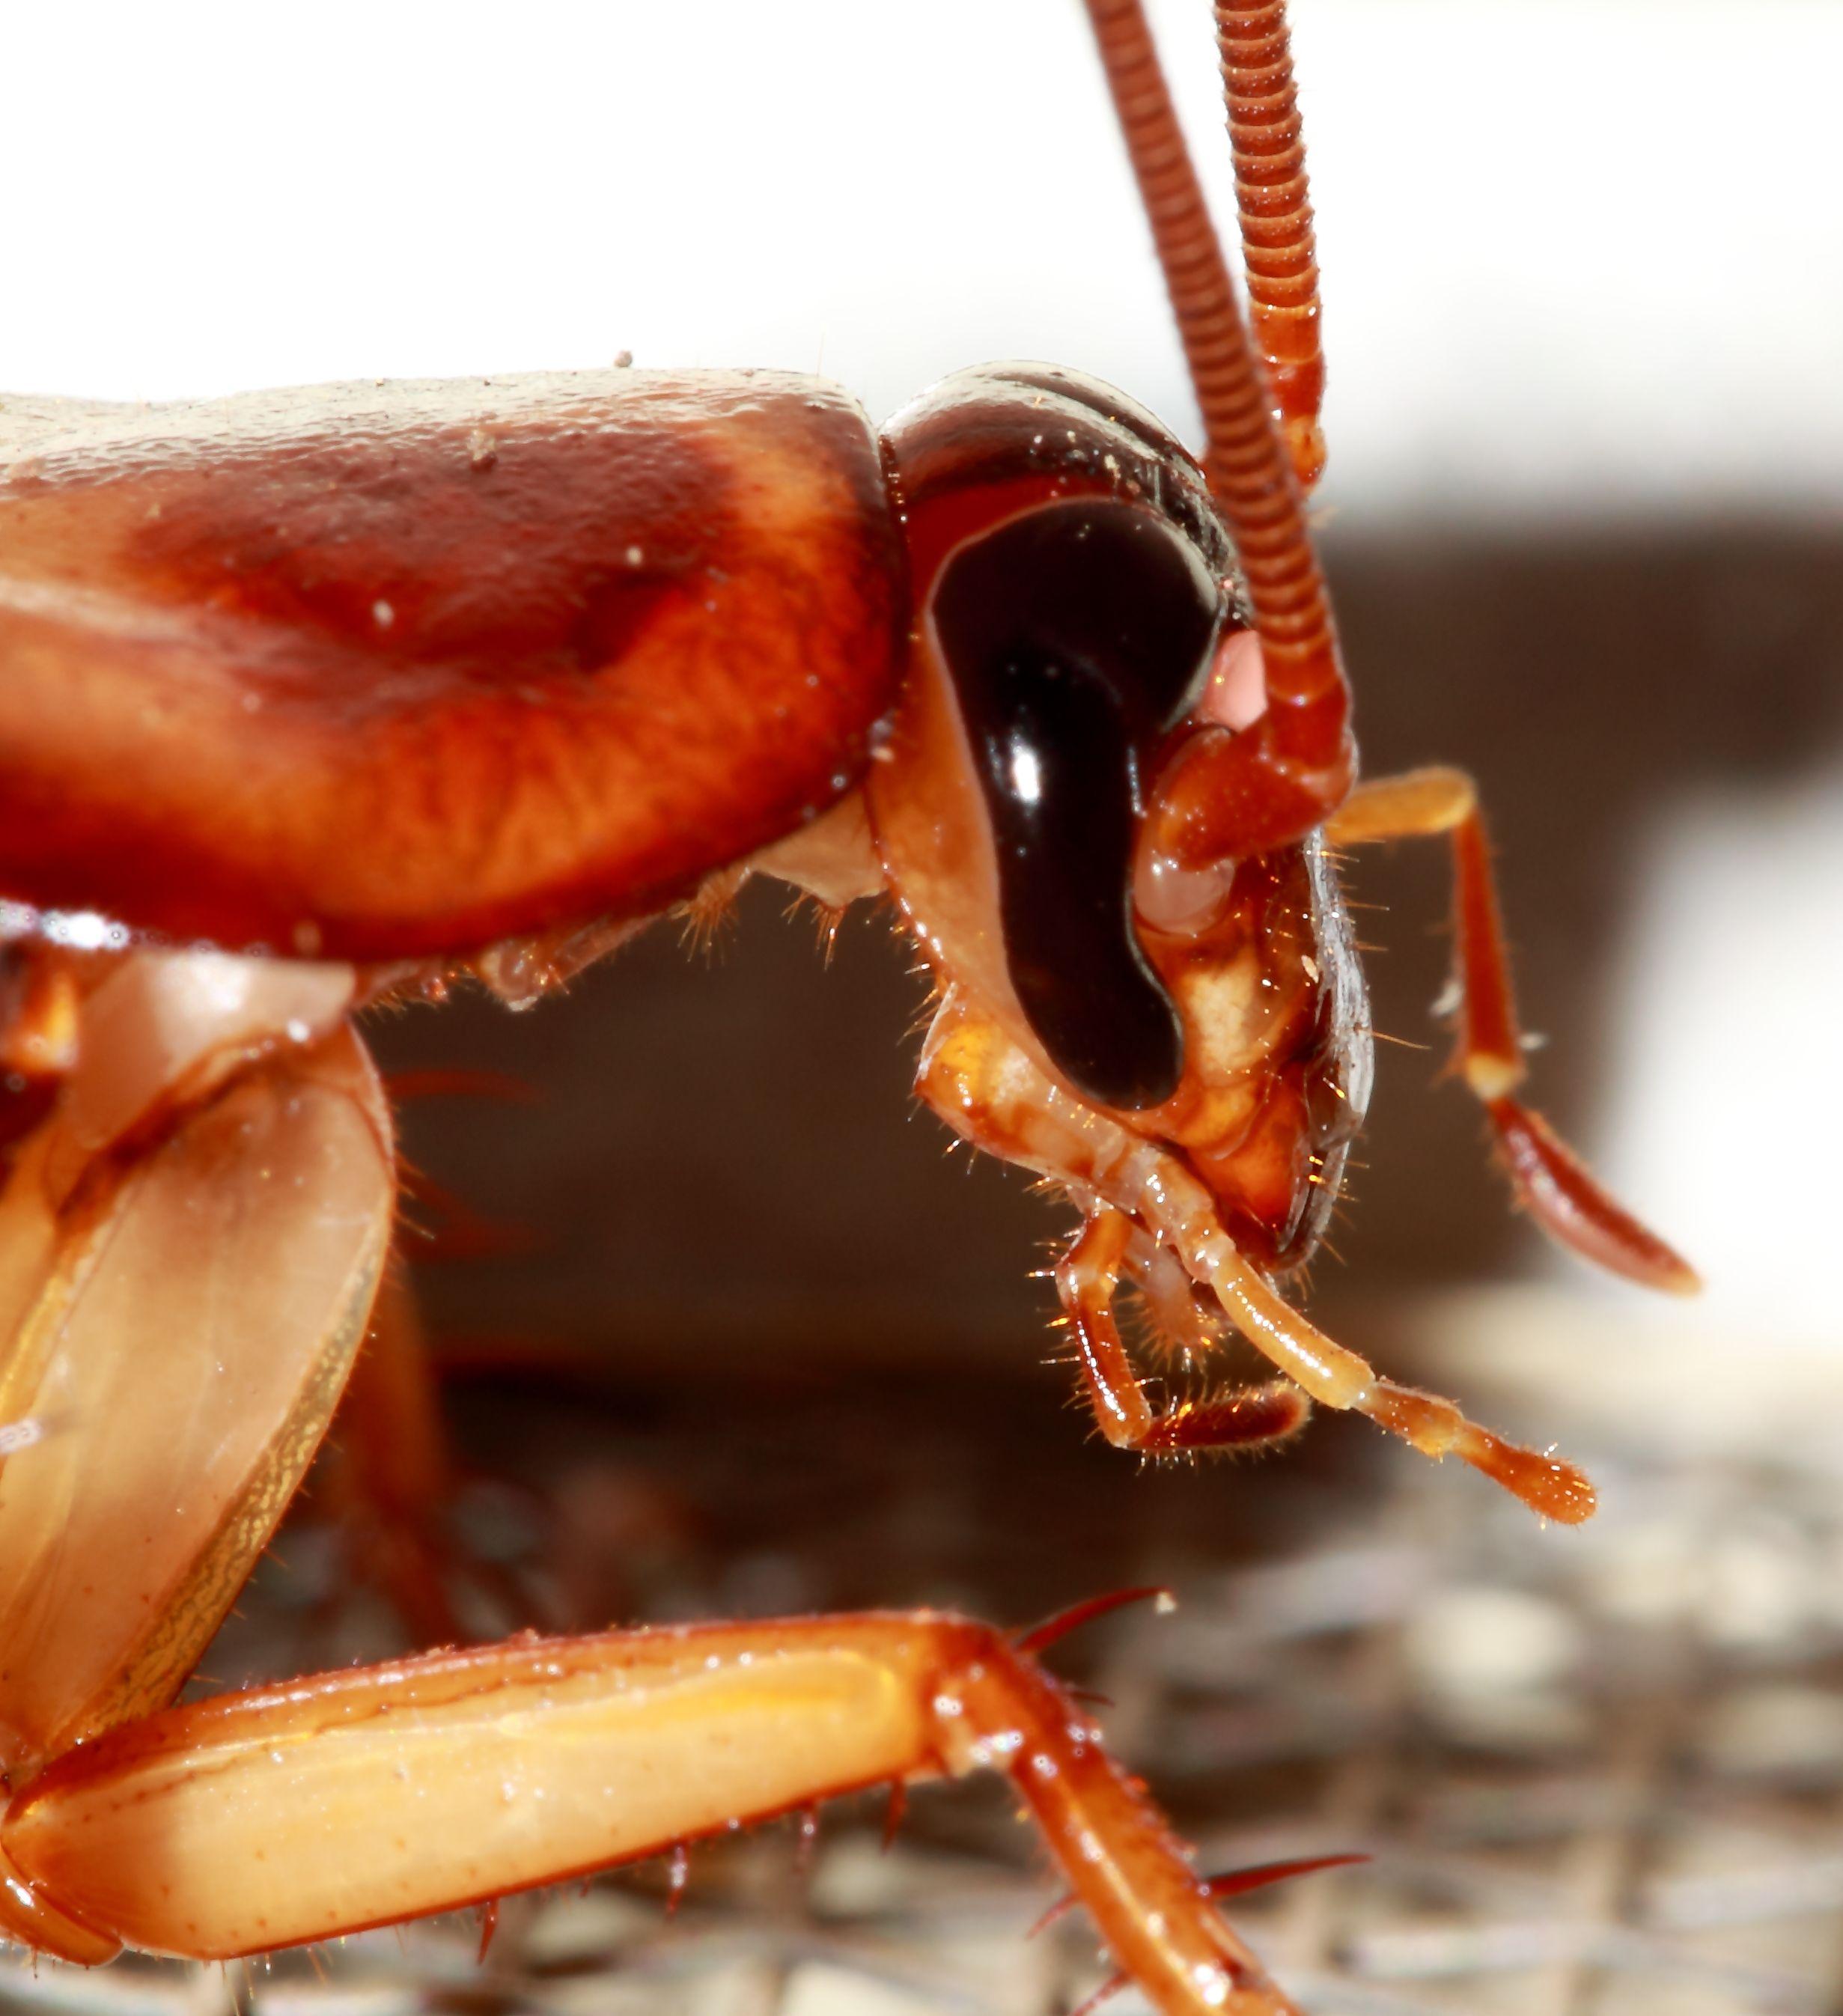 Como eliminar plagas de insectos y roedores sin quimicos for Como eliminar plaga de hormigas